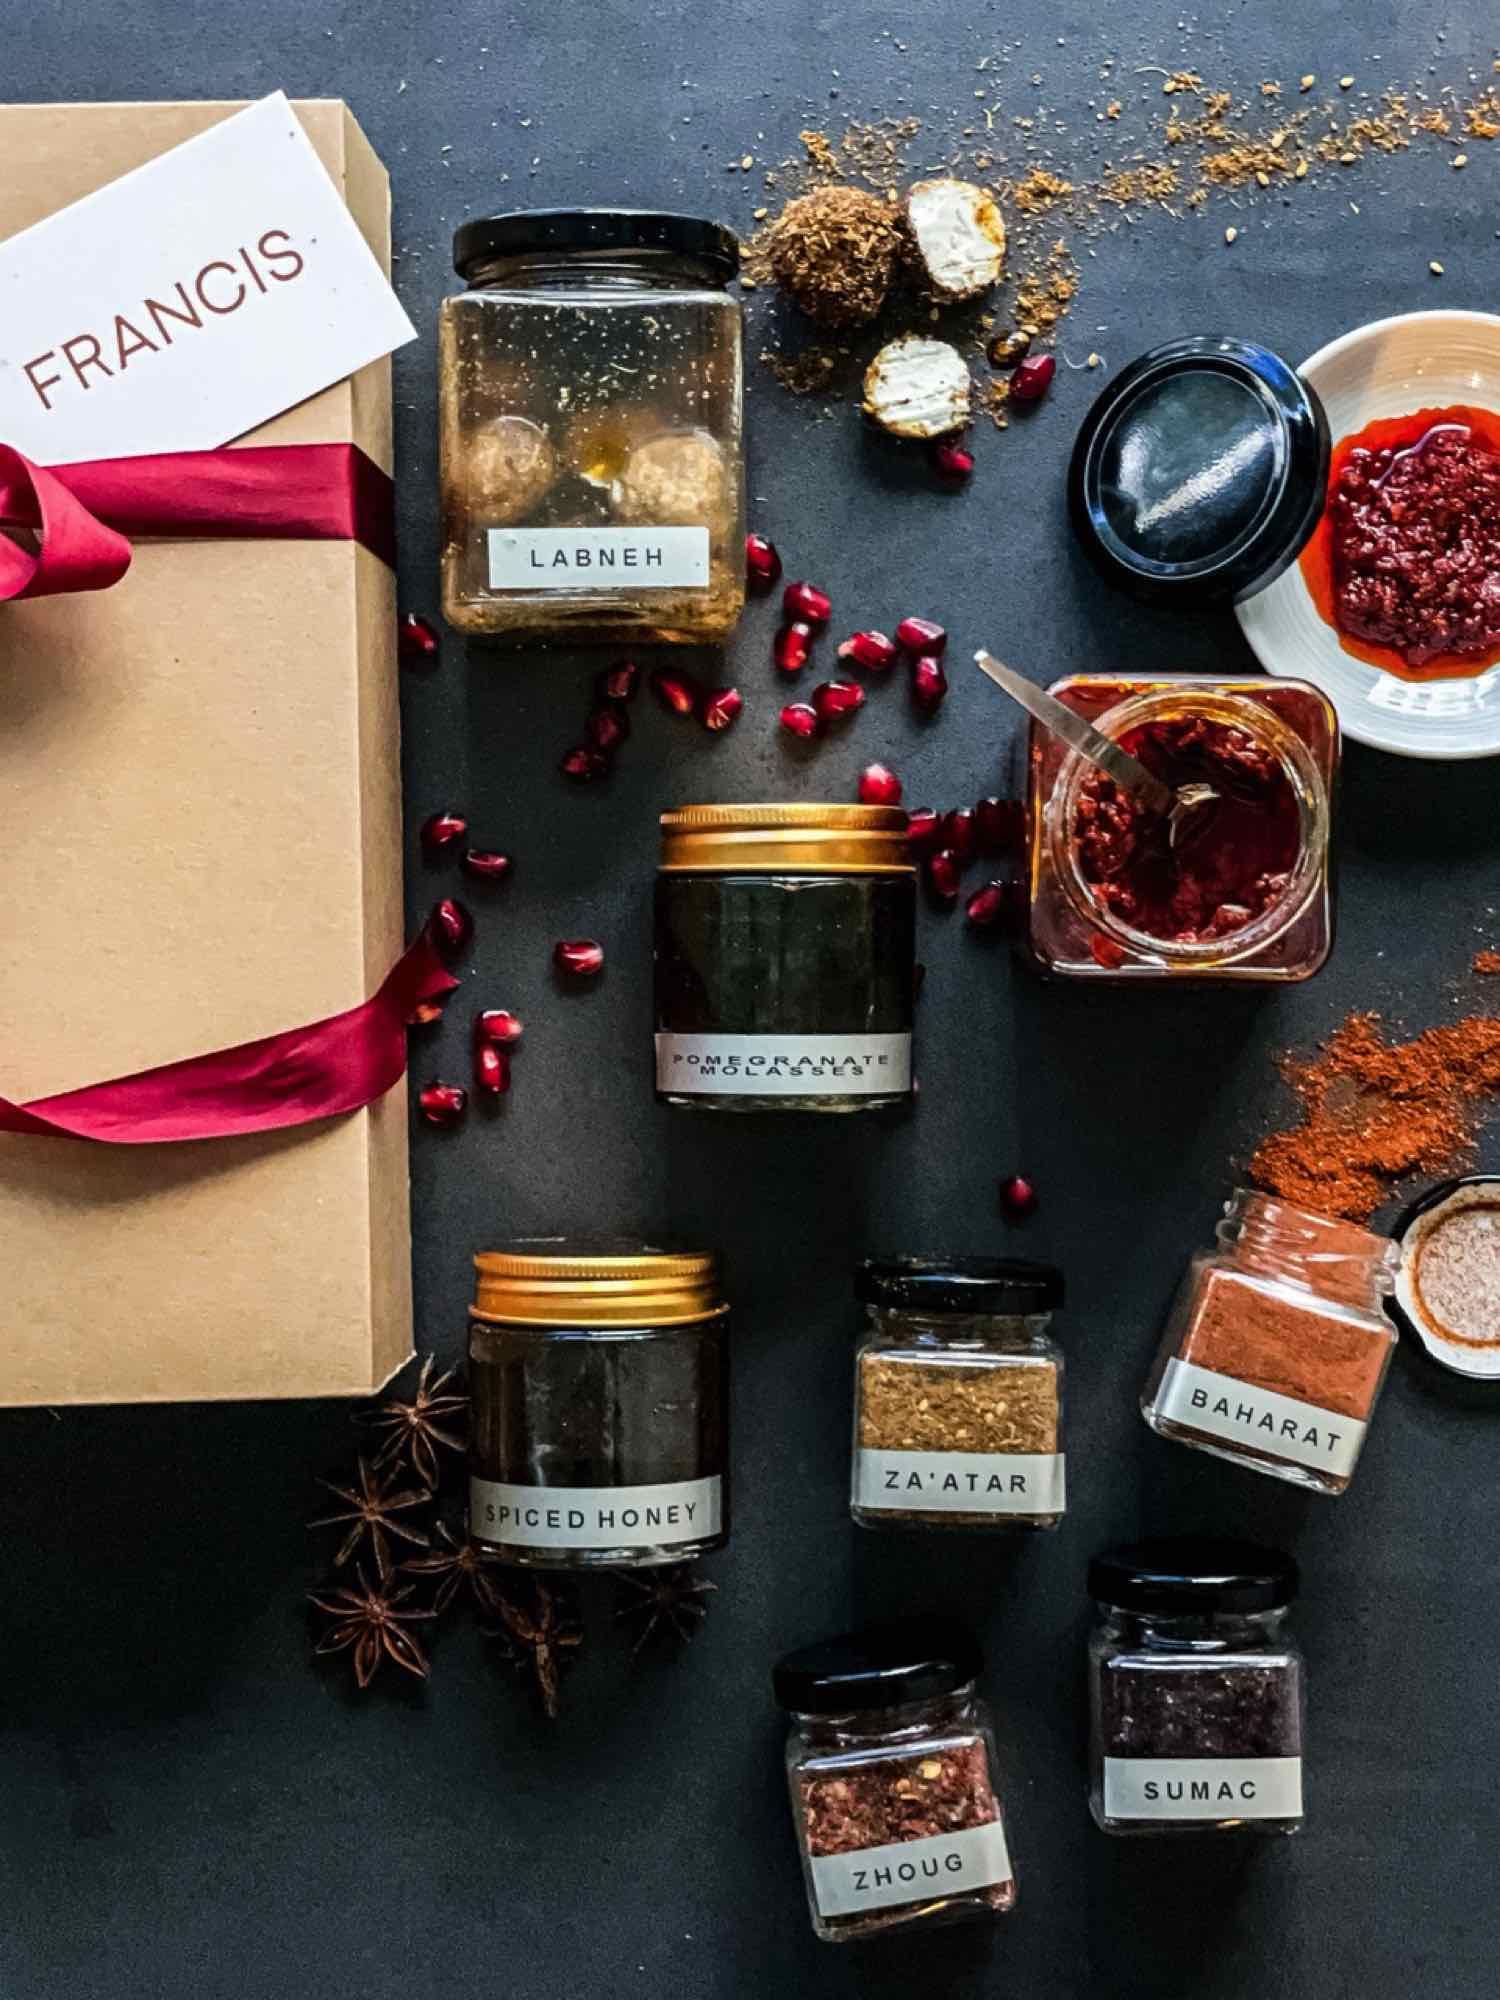 中東餐廳 FRANCIS  推出春季香料禮盒  自家製作多國風味